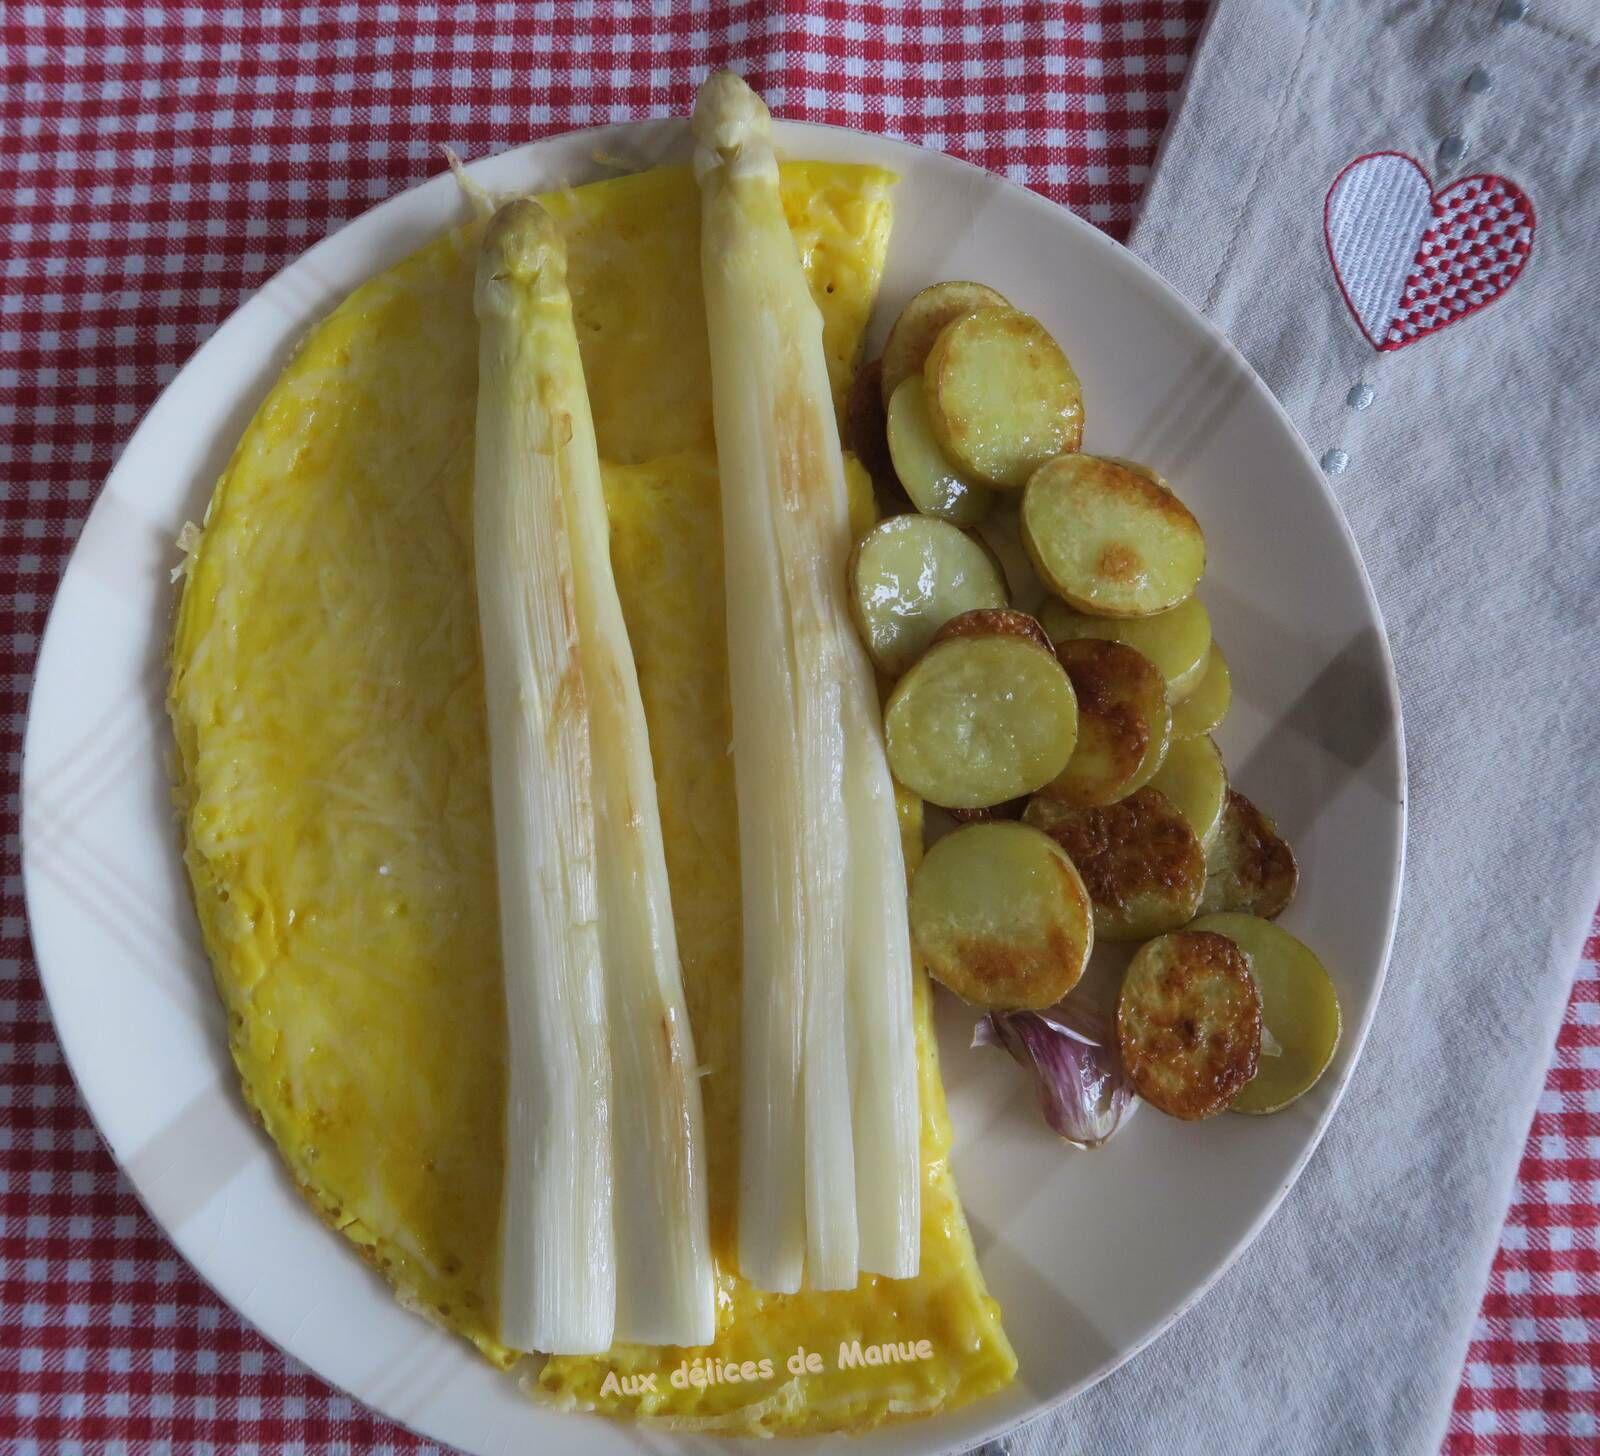 asperges,asperges blanches,omelette,œuf,parmesan,entrée